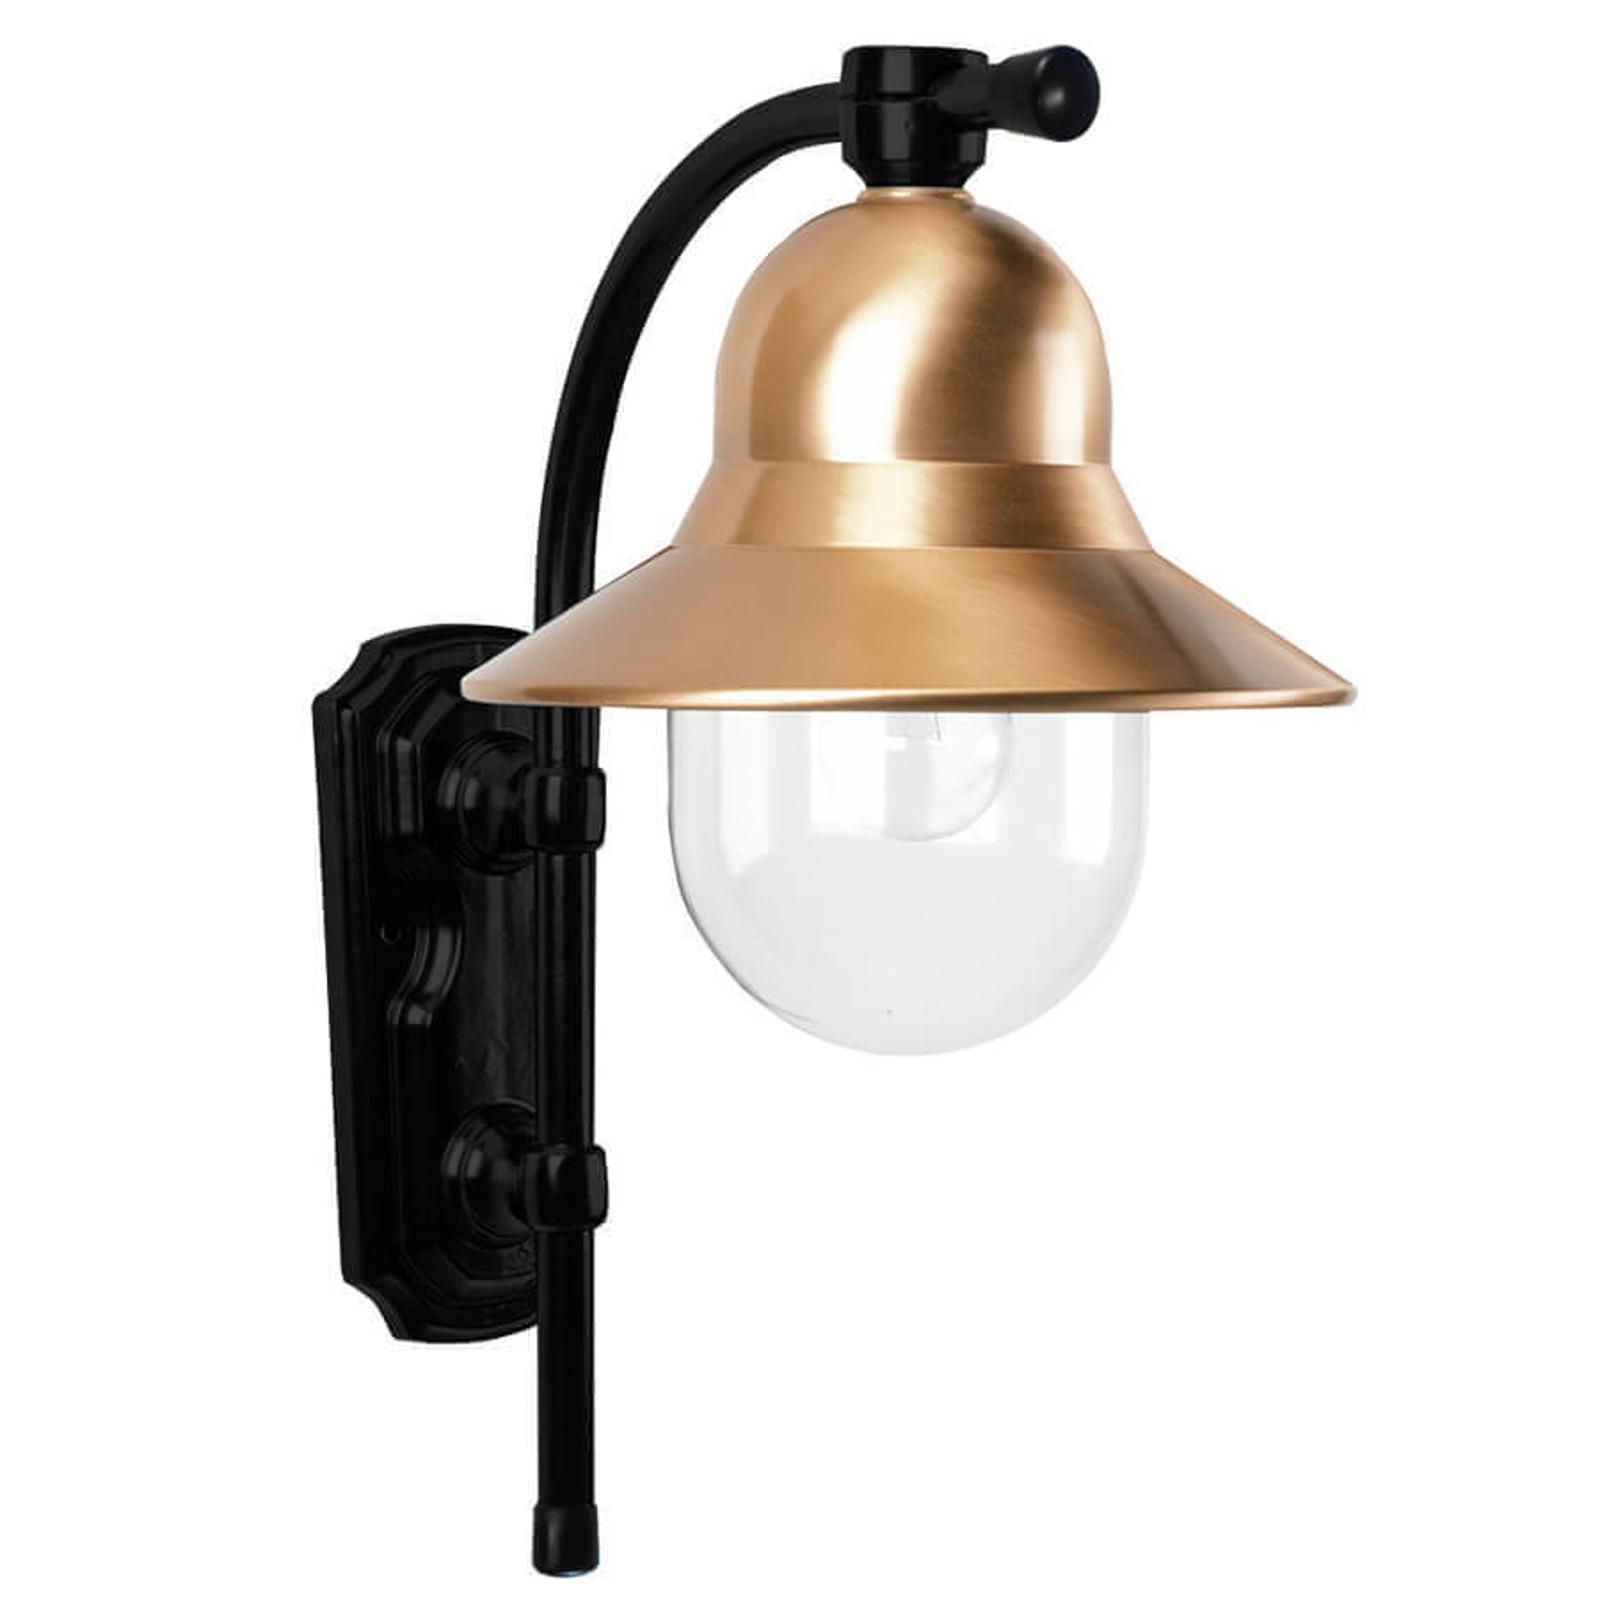 Zewnętrzna lampa ścienna Toscane, czarna